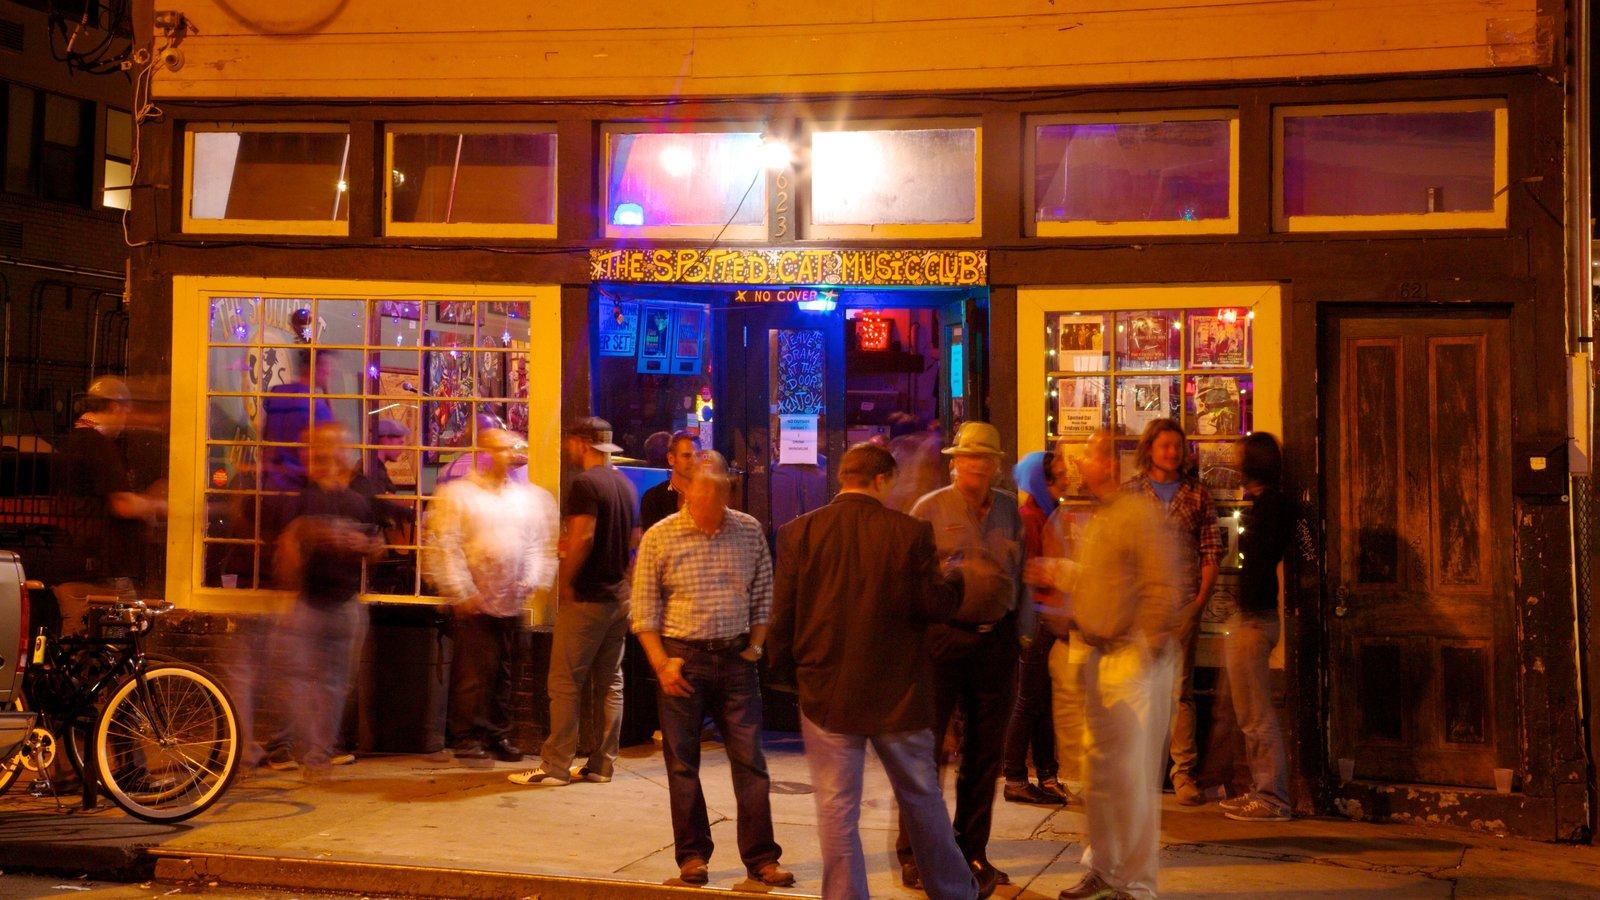 Clubs de Jazz de Frenchmen Street que incluye un bar, escenas nocturnas y escenas urbanas